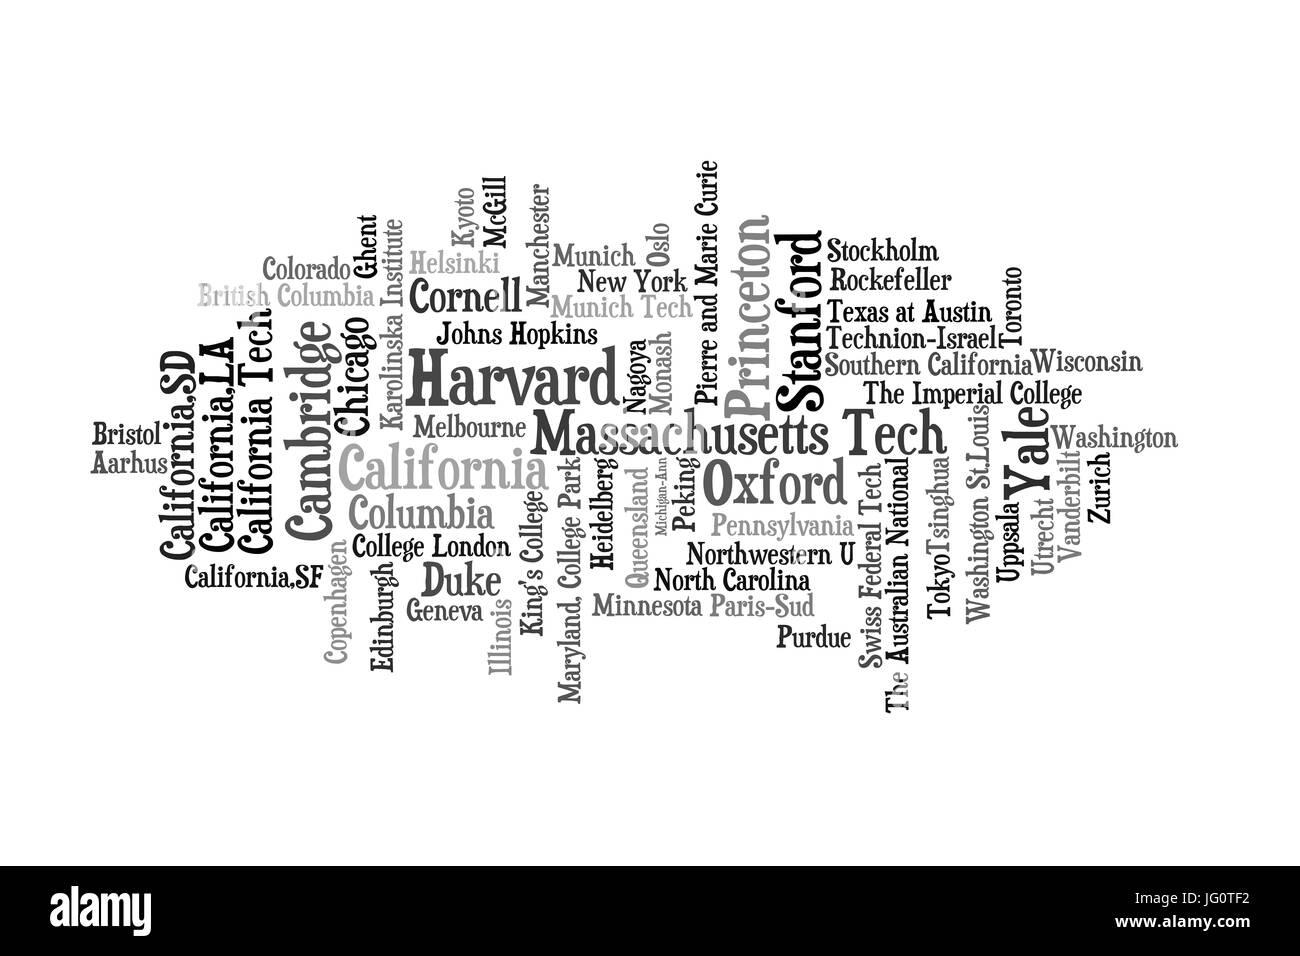 Célèbre et populaire des universités et instituts du monde entier. La taille correspond à peu Photo Stock